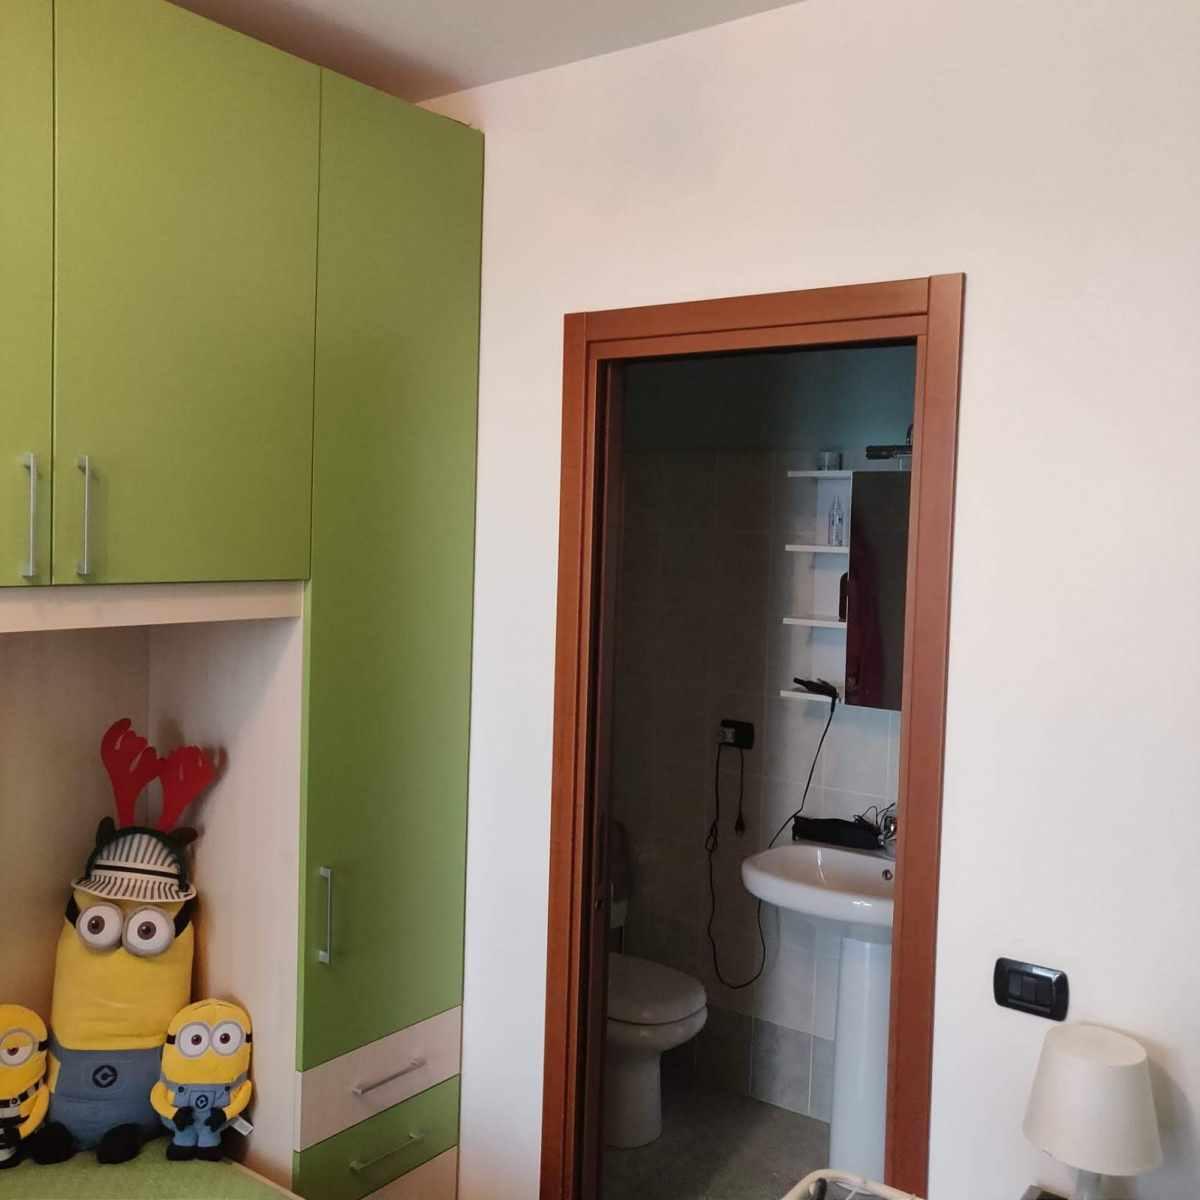 appartamento-in-vendita-milano-muggiano-3-locali-trilocale-spaziourbano-immobiliare-vende-10